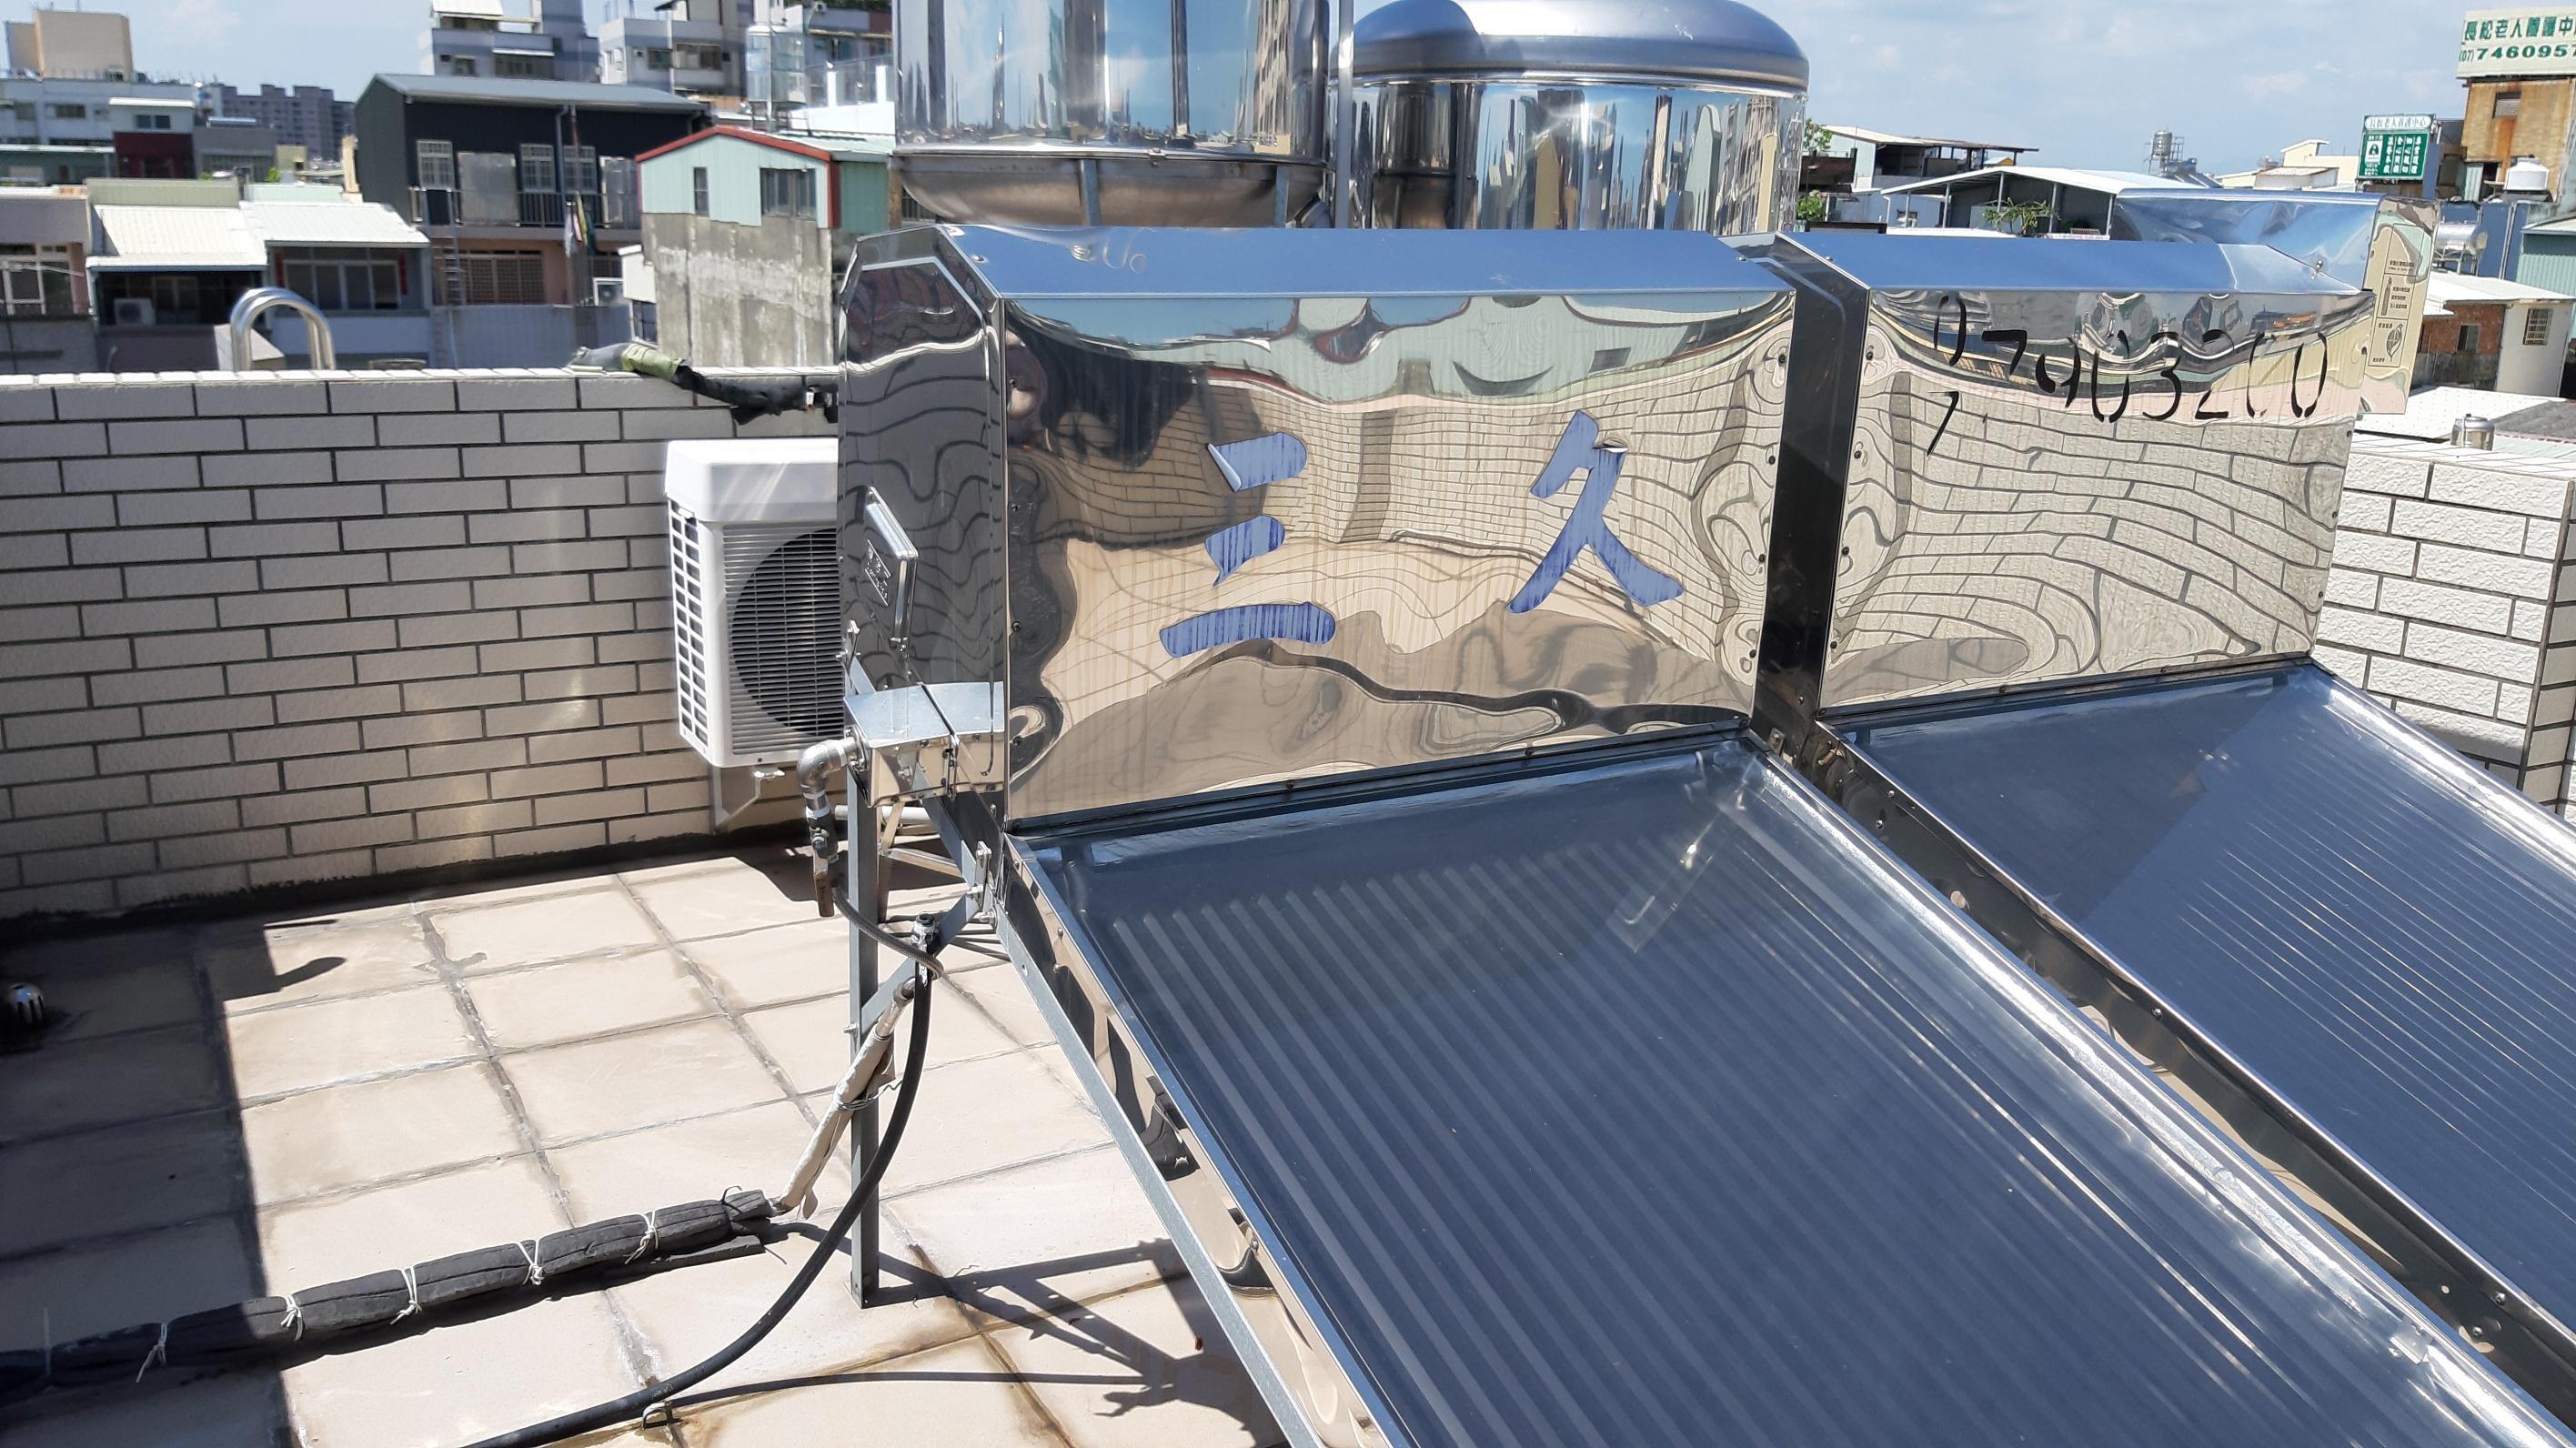 三久太陽能電熱水器 儲水桶更換 TOzp 168 另~soyal ar-721h 磁力鎖 停車場柵欄機 停車場擋桿 老羅工程